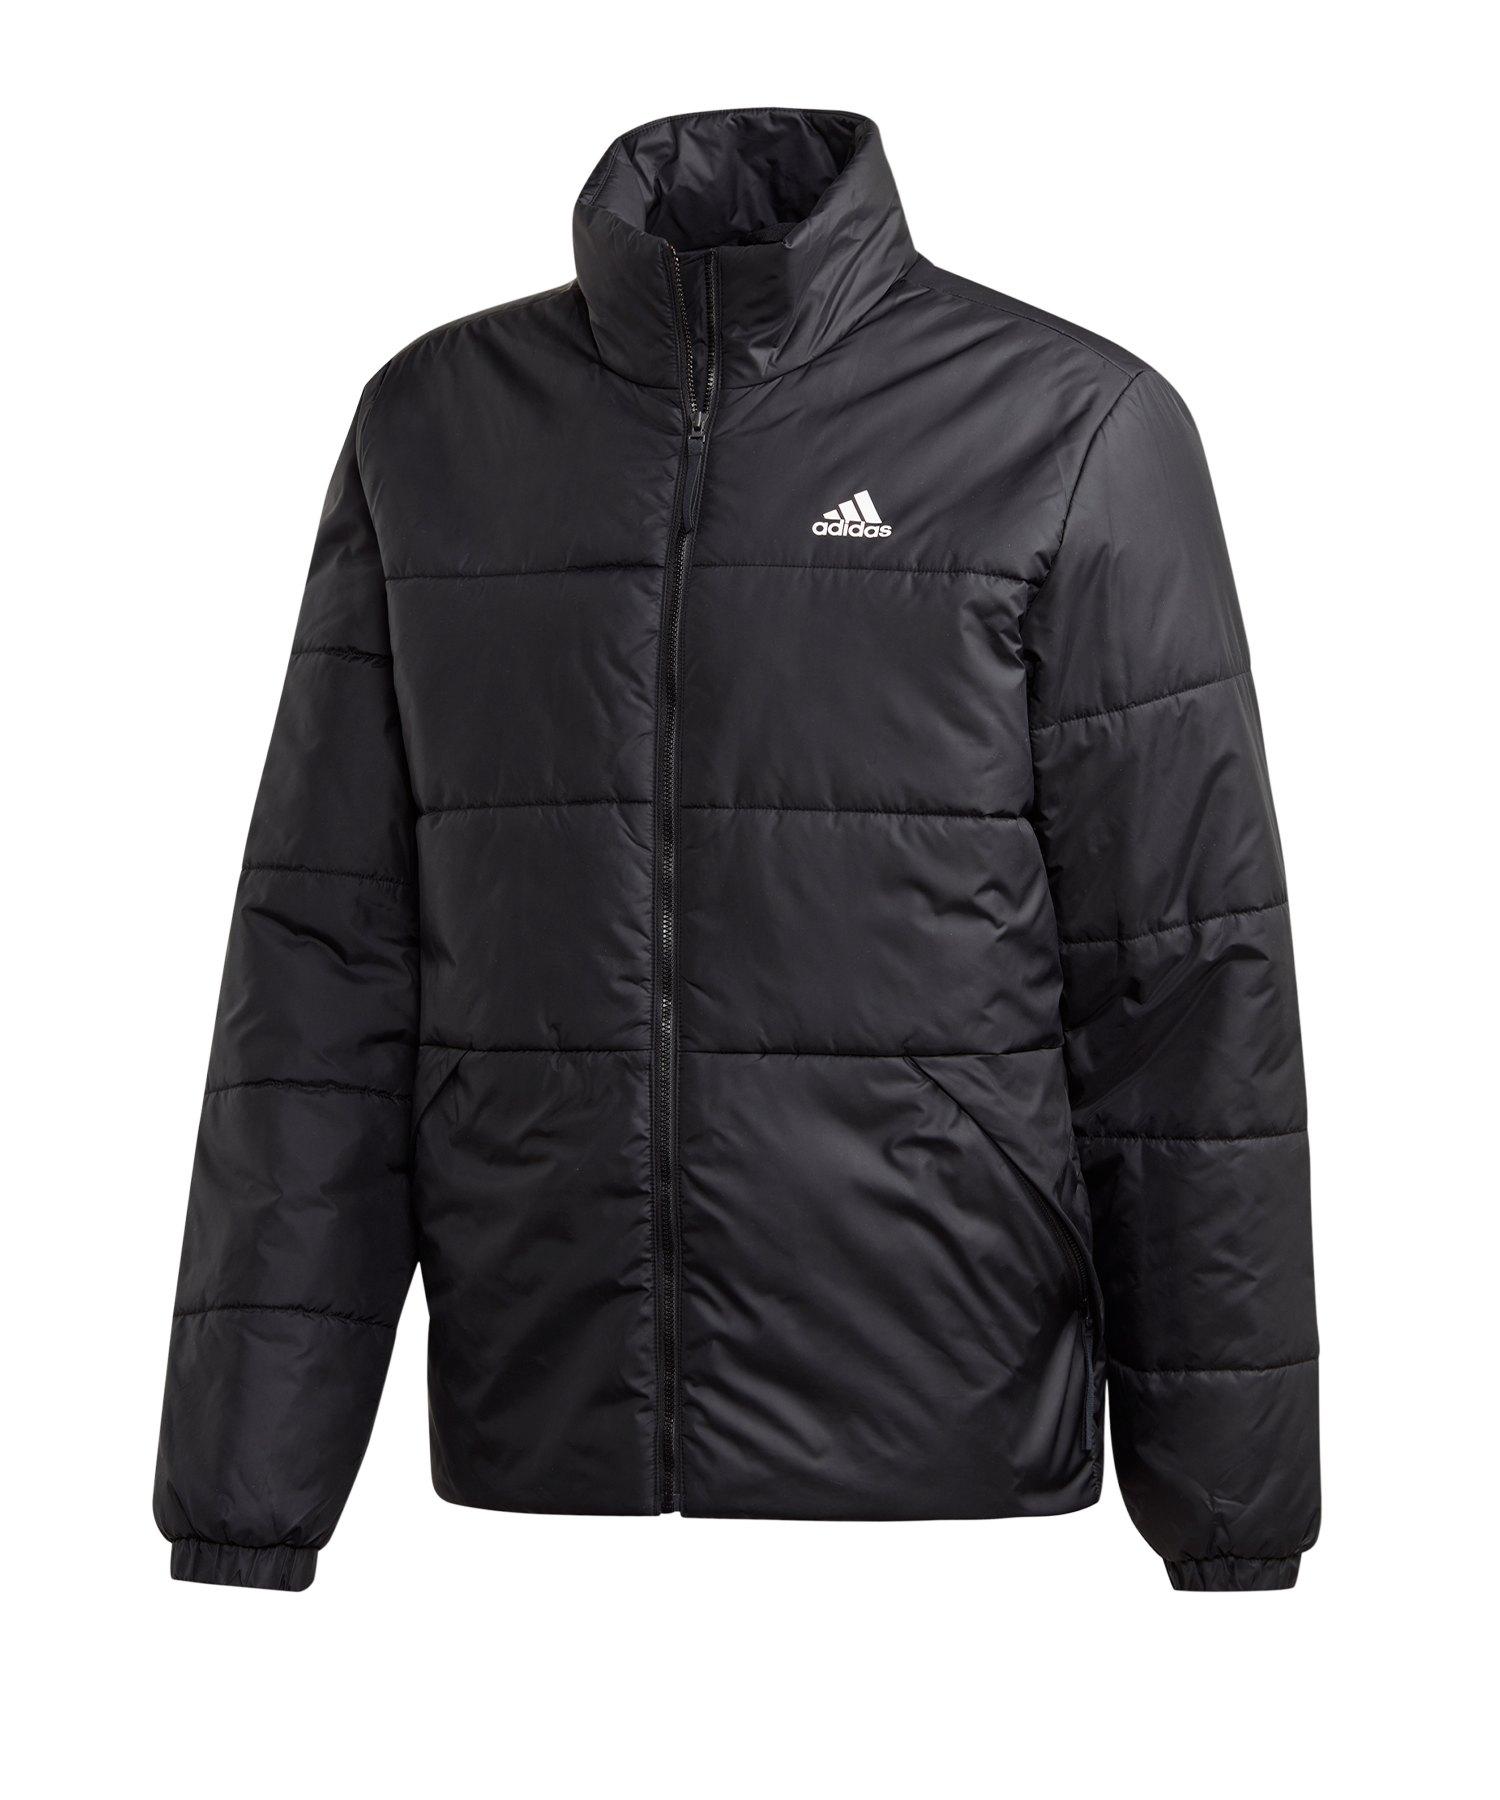 adidas Terrex BSC 3 Stripes Jacke Schwarz - schwarz